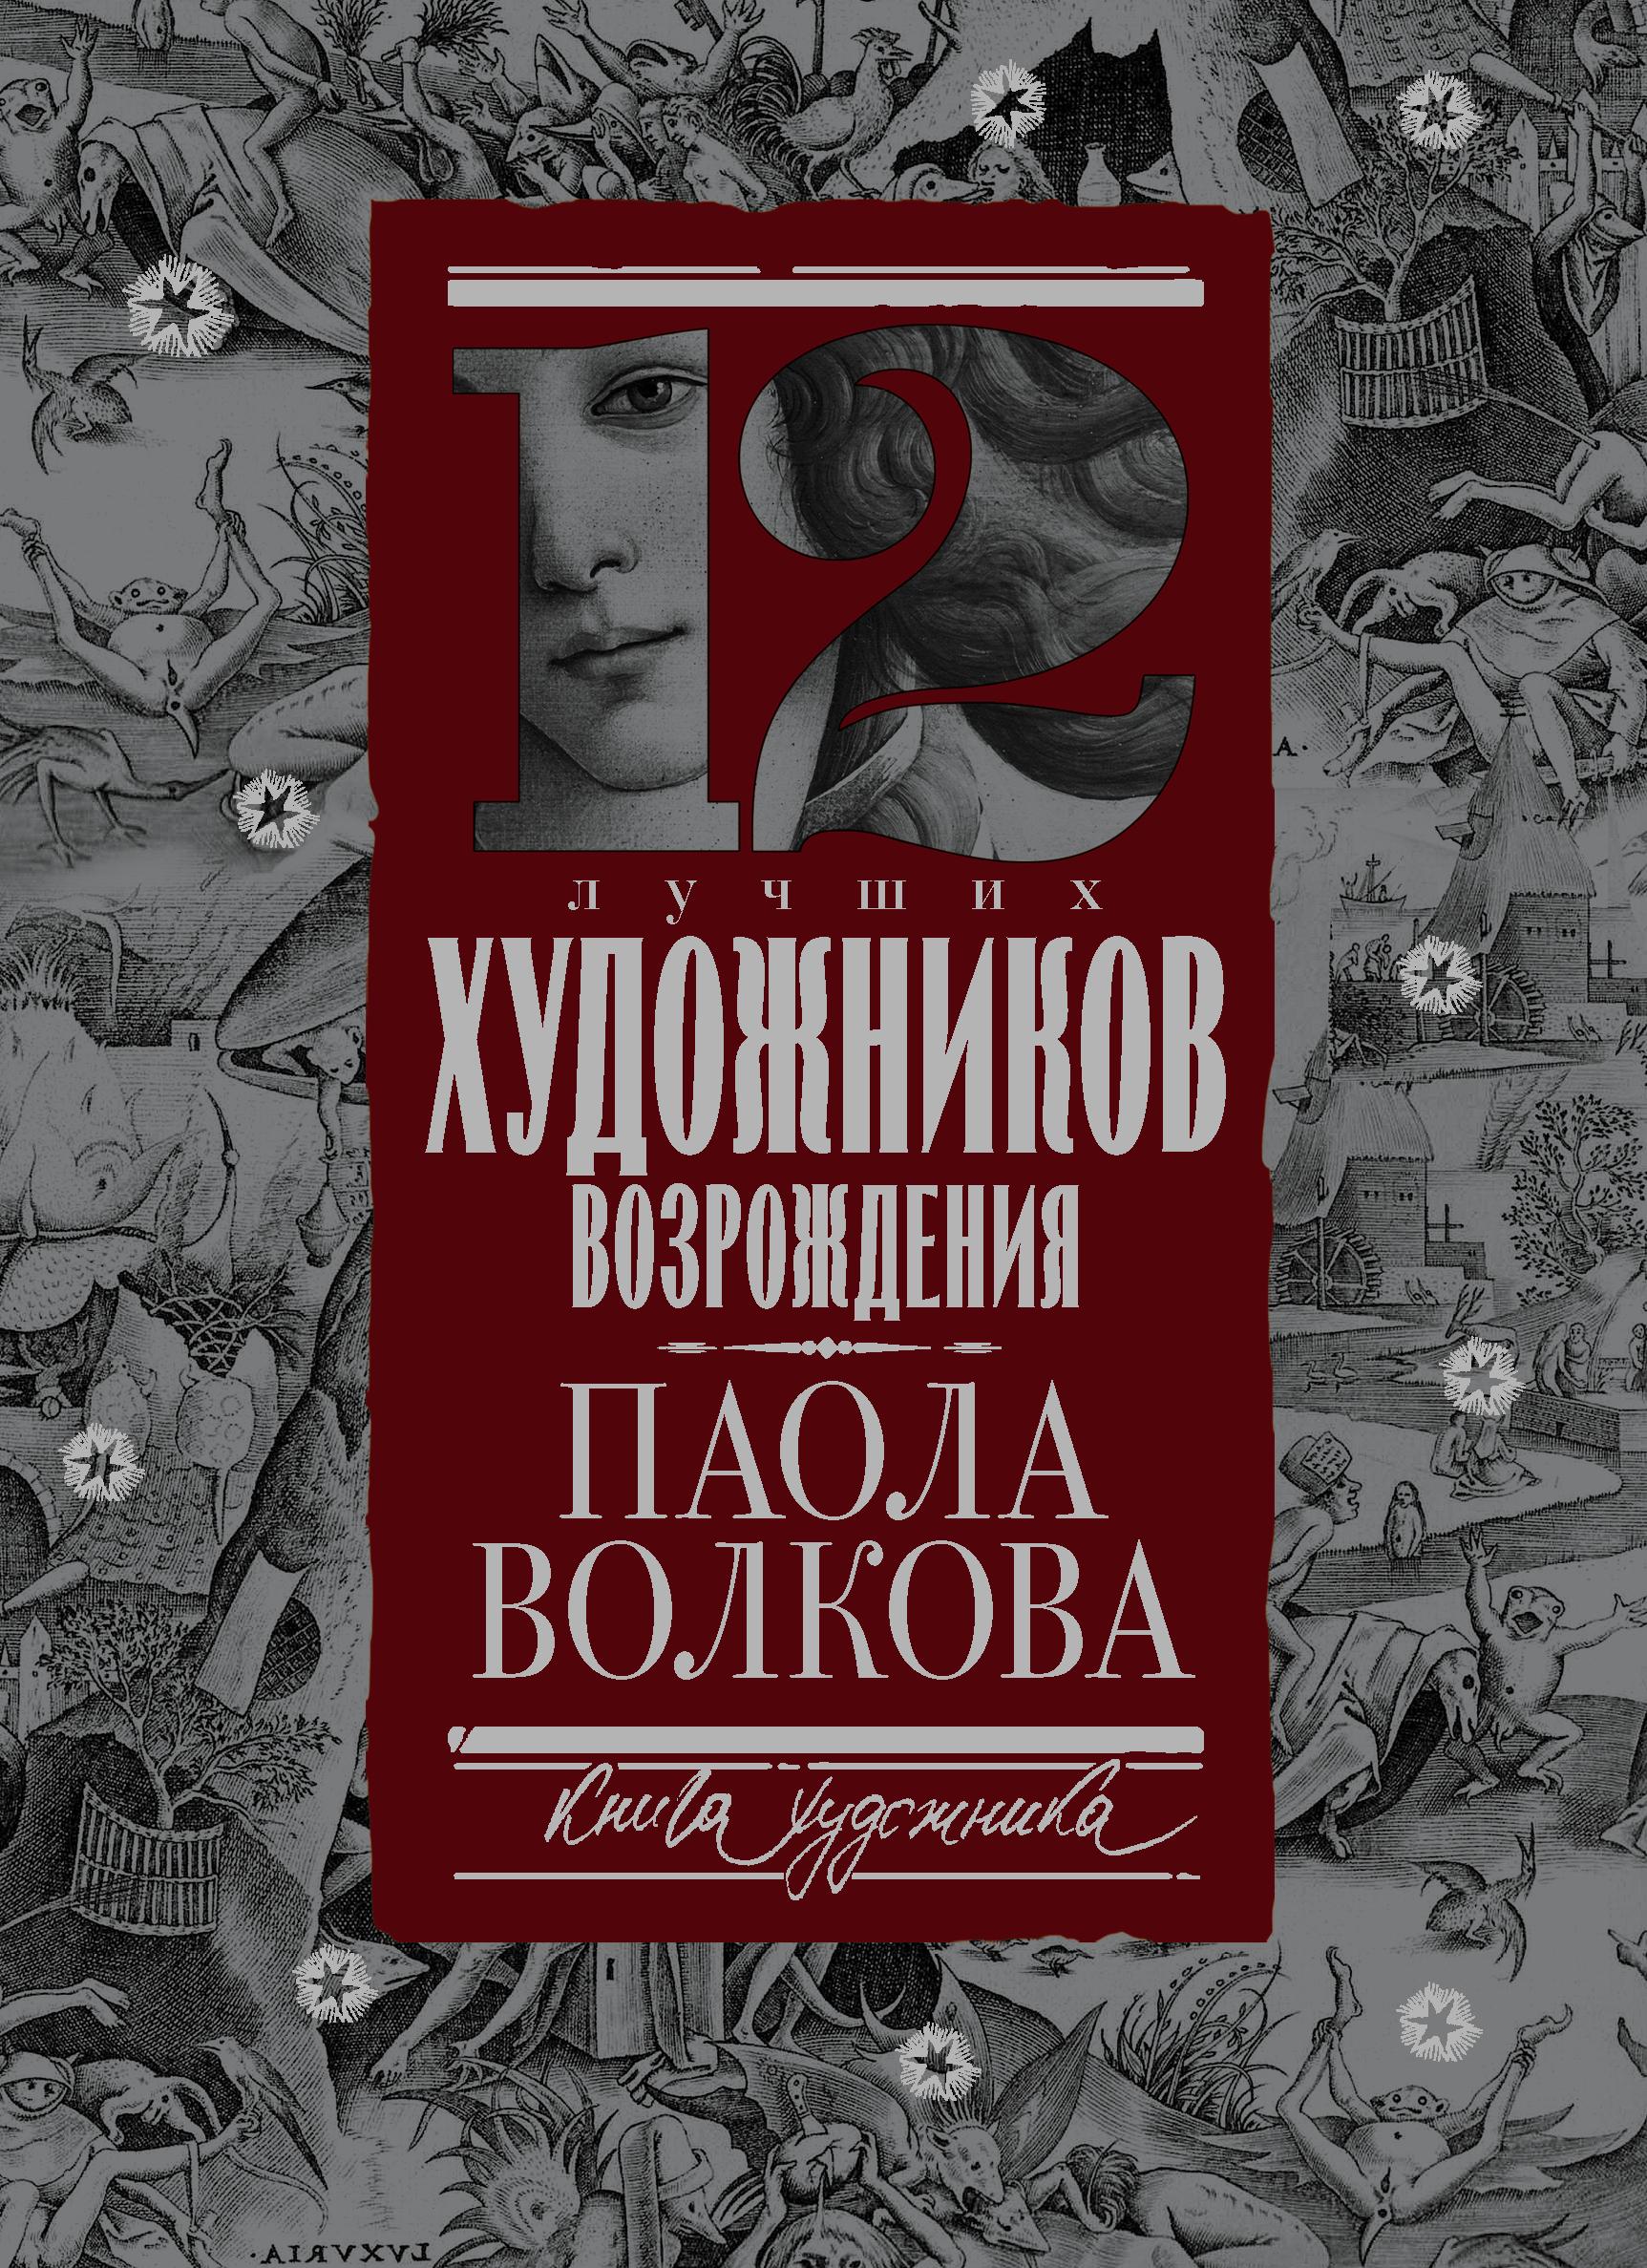 12 лучших художников Возрождения ( Волкова П.Д.  )